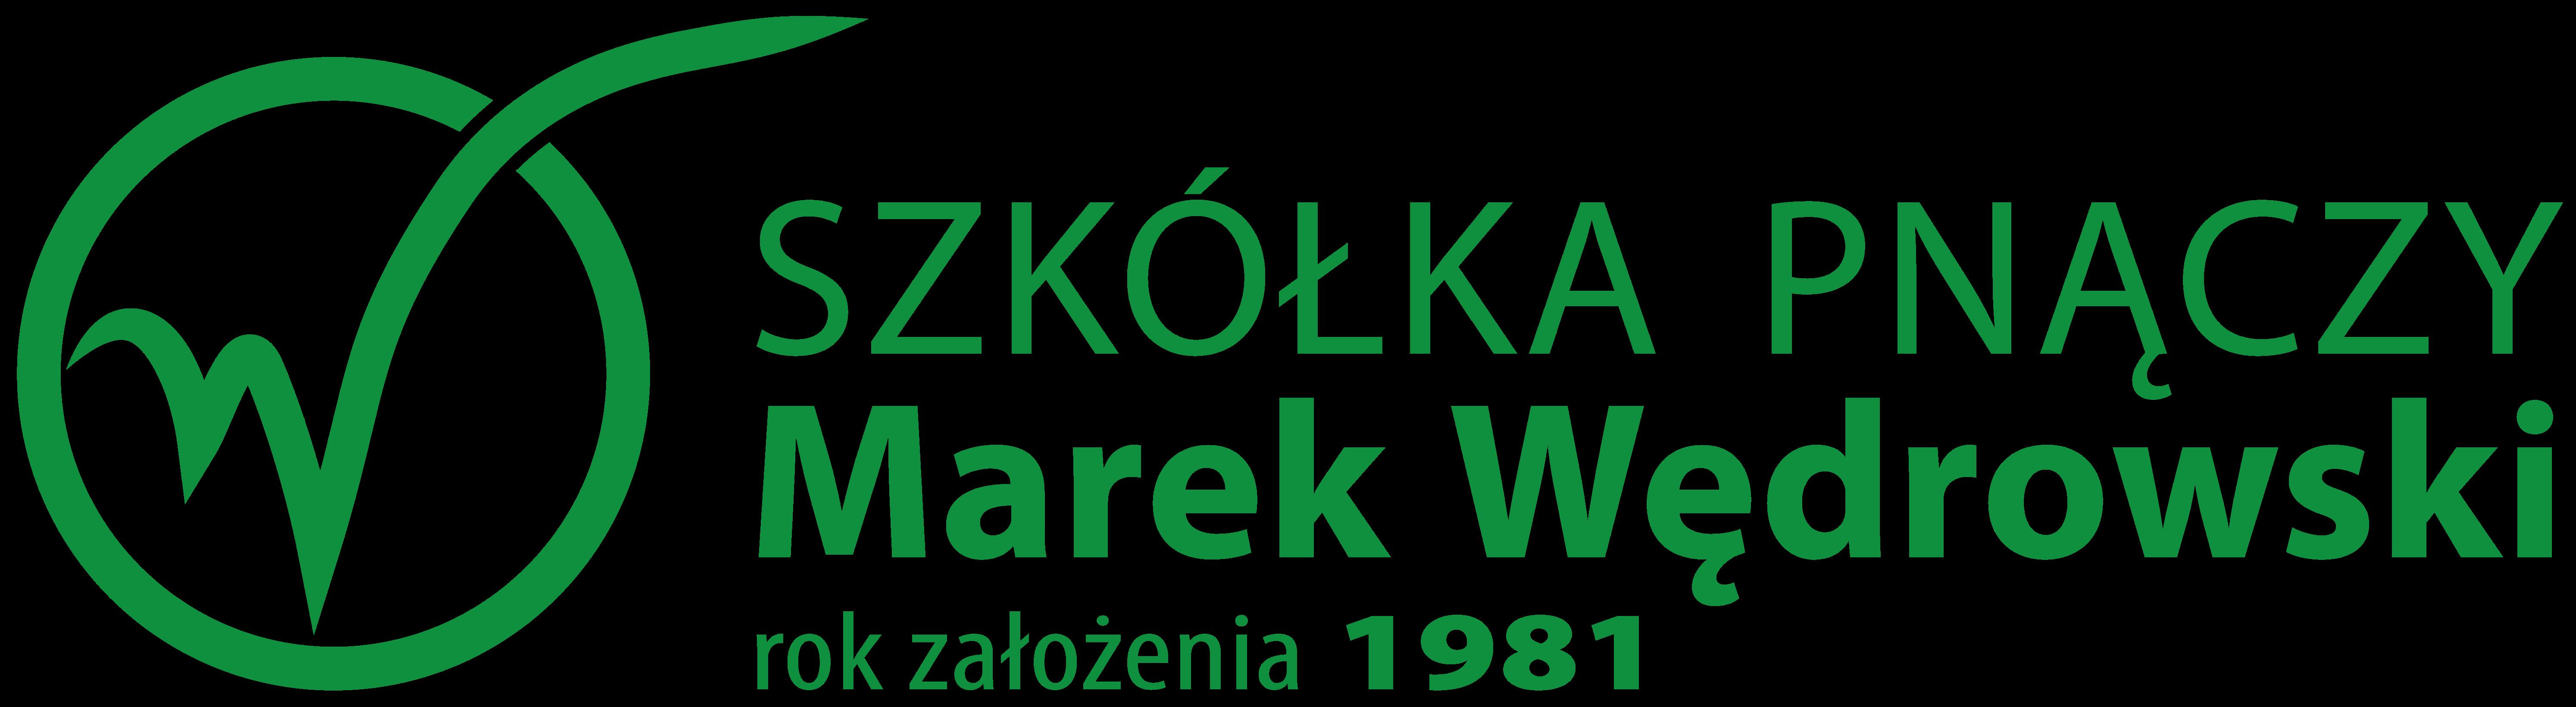 Szkółka Pnączy Wędrowski